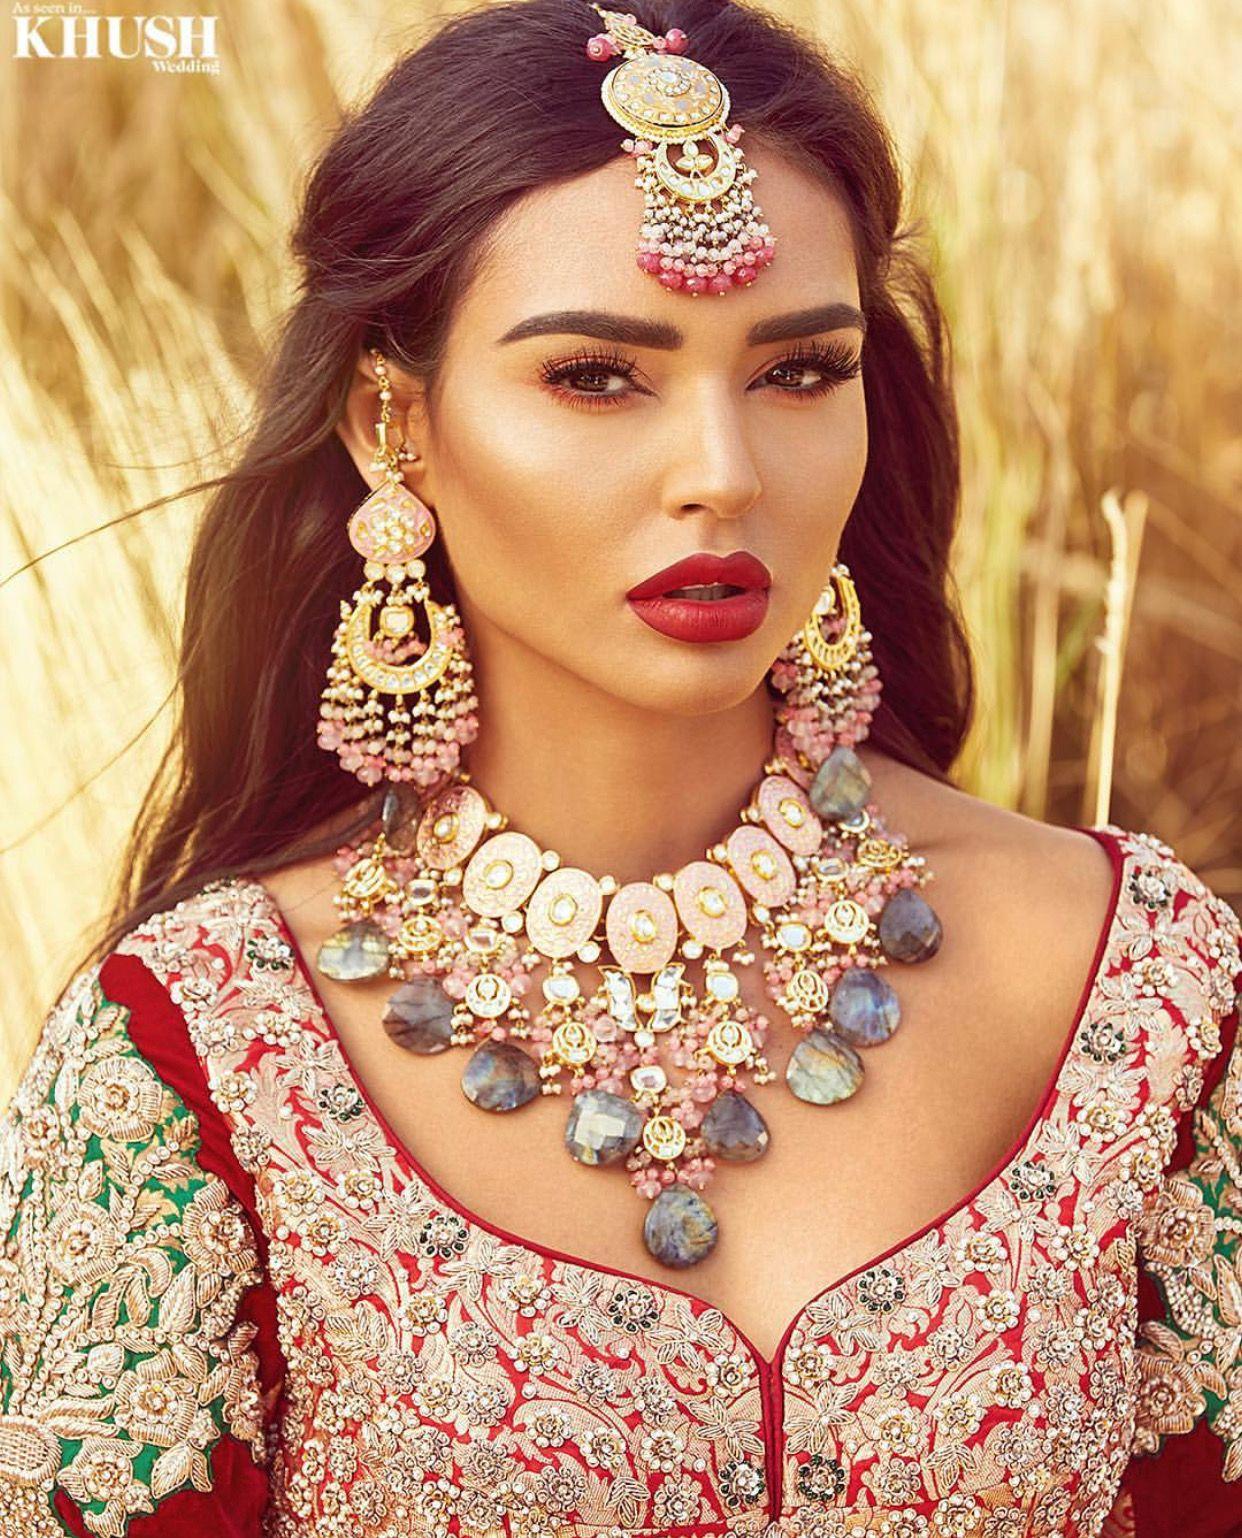 pinterest: @pawank90 | jewelry in 2019 | indian wedding